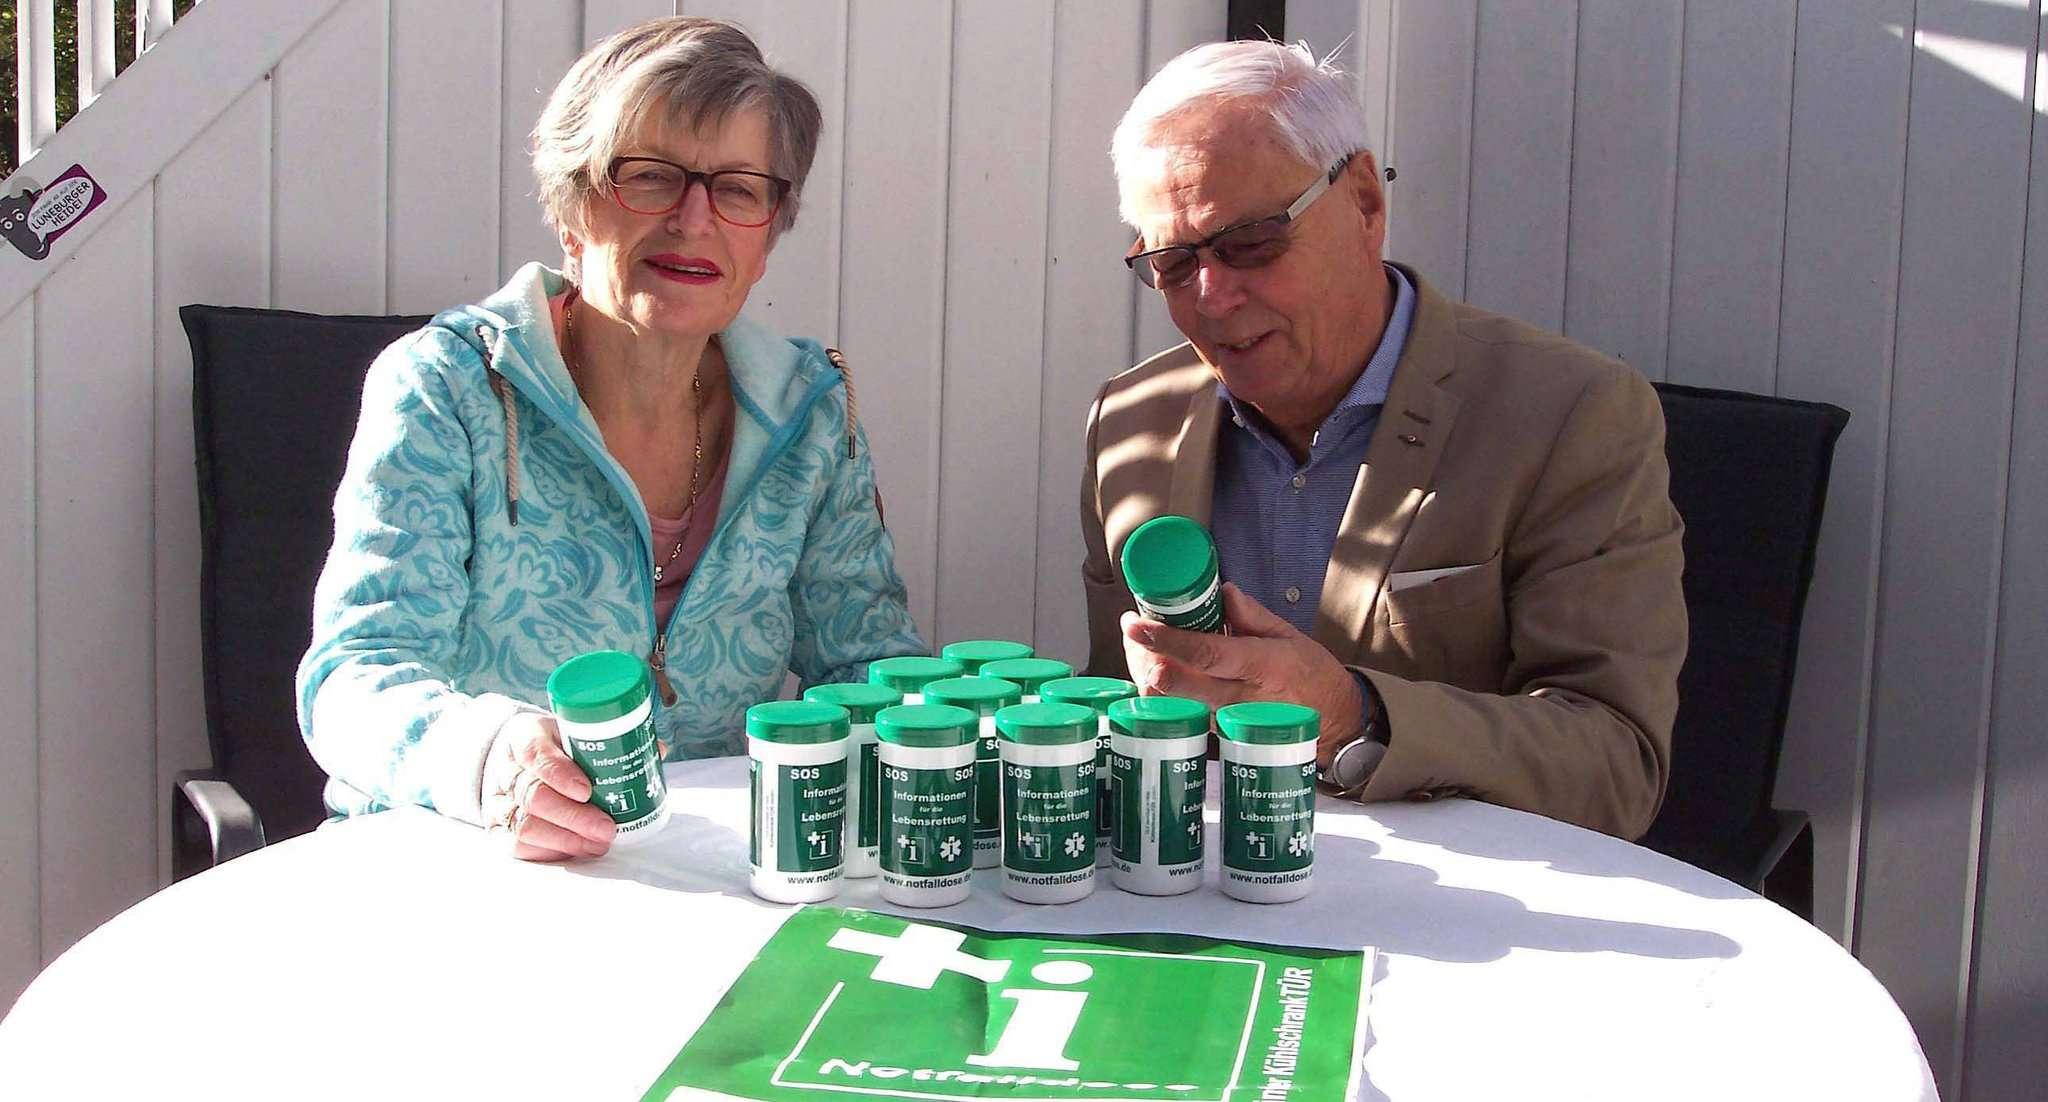 Jutta Fettköter vom Seniorenbeirat und Dr. Heiko William vom VFN engagieren sich gemeinsam für die Notfalldosen-Aktion.